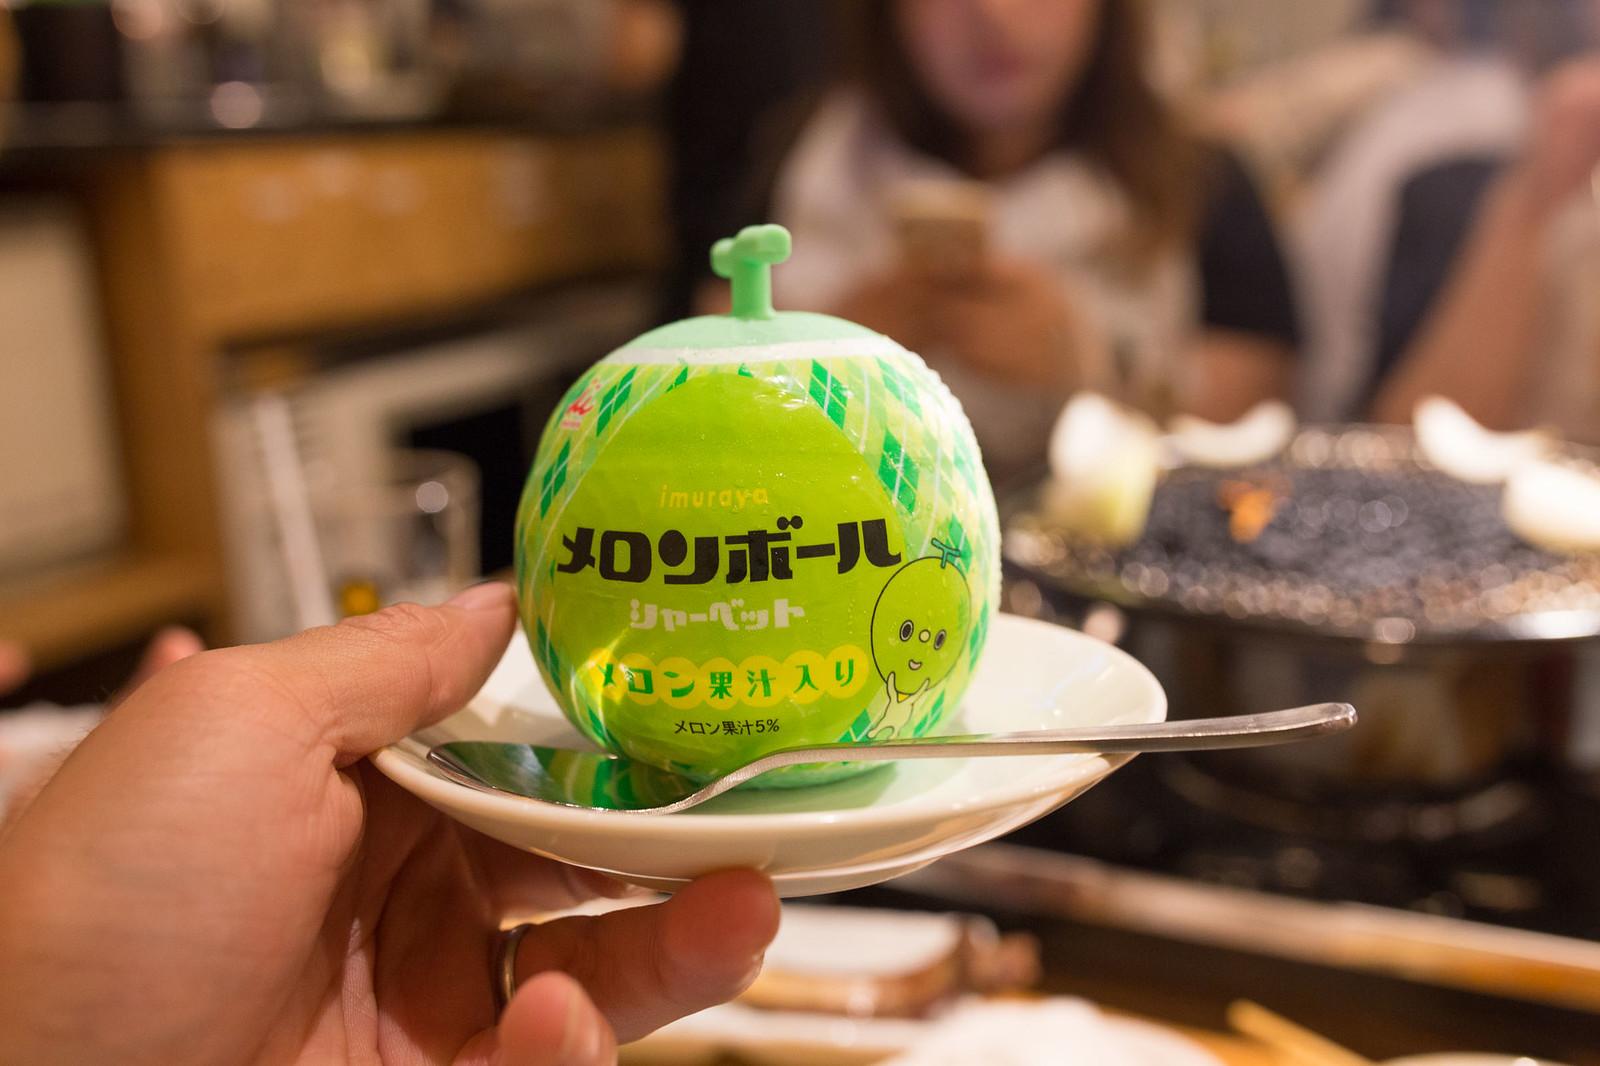 Shinjuku_meiten_yokocho-108